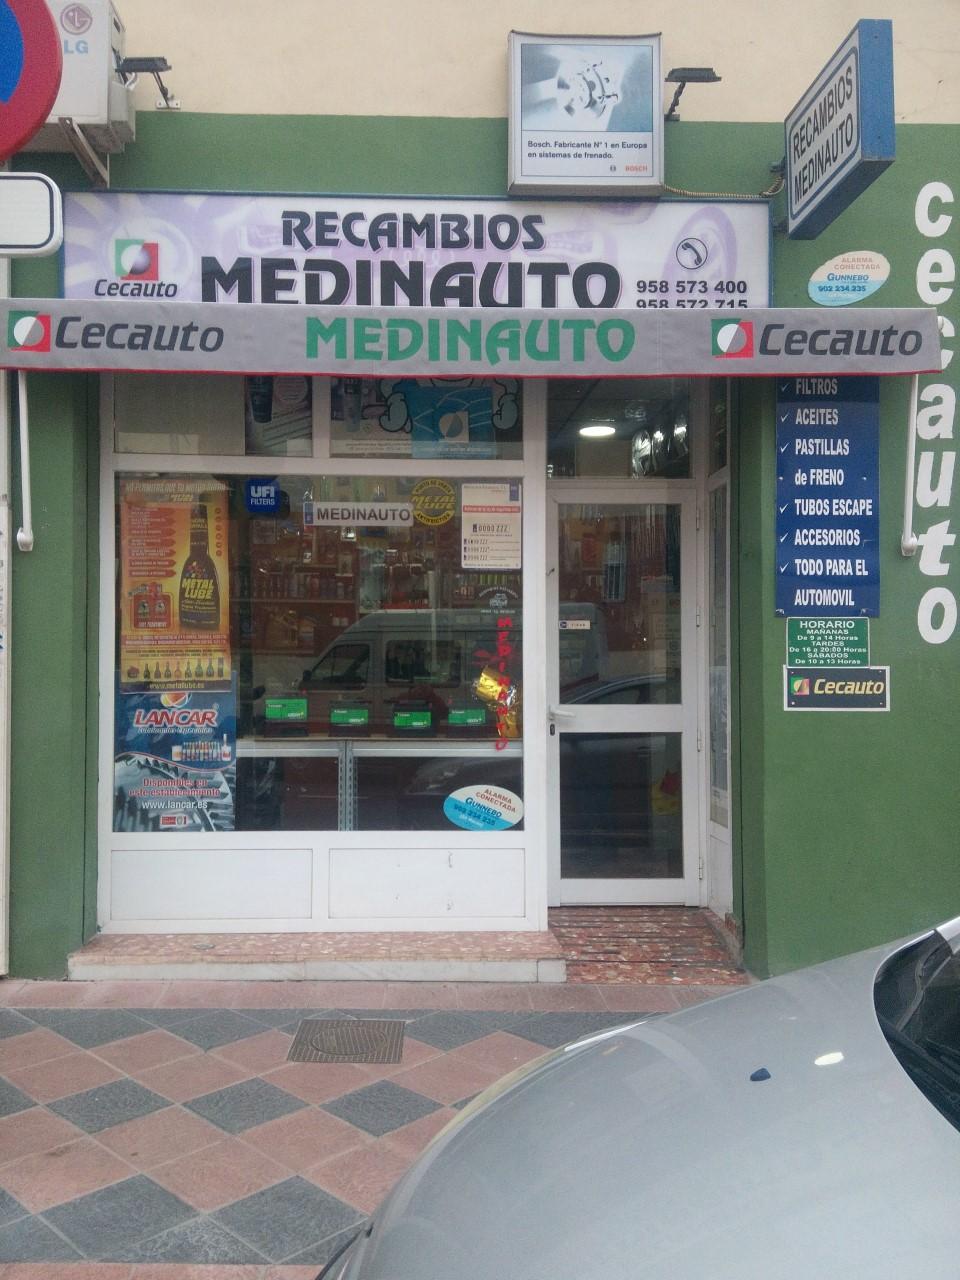 Imagen de Recambios Medinauto